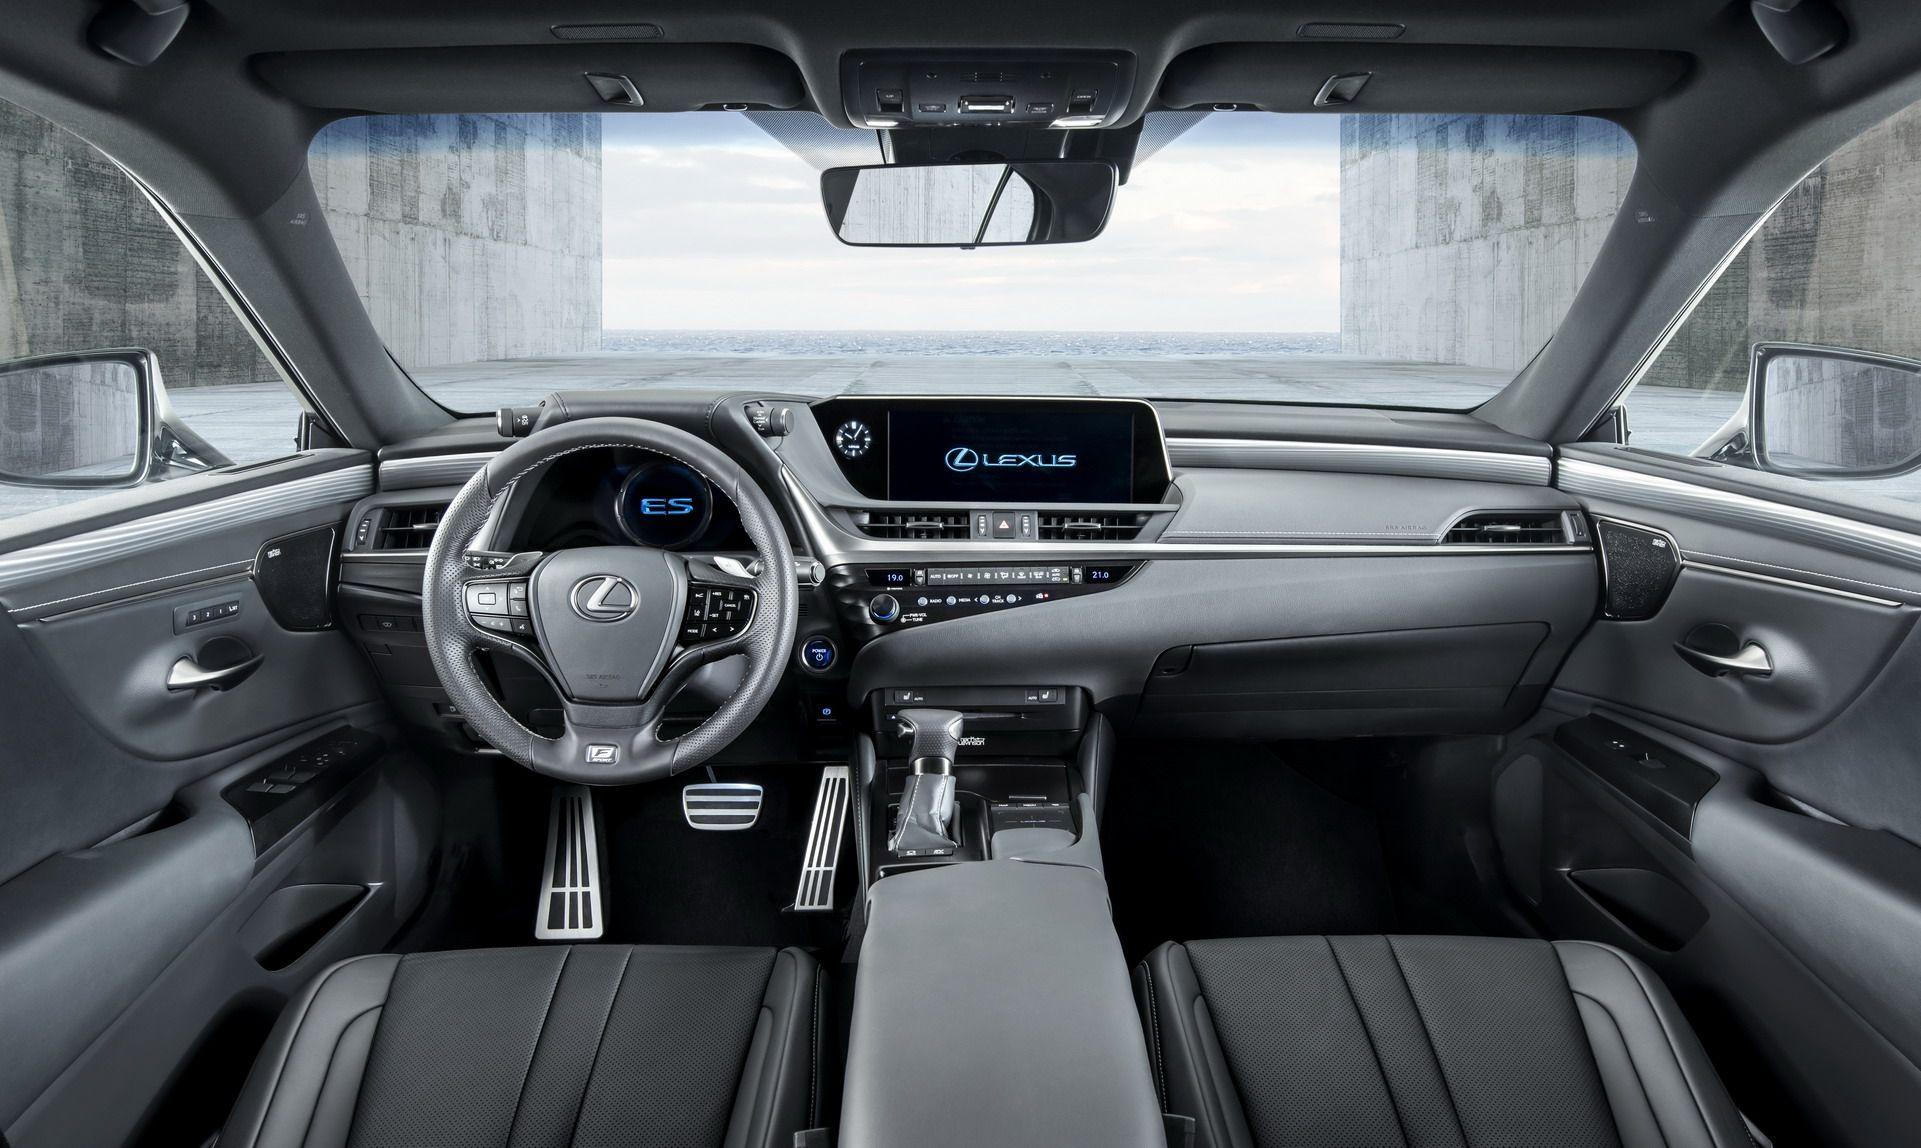 Lexus ES 300h ra mắt tại Ấn Độ với giá khoảng 2 tỷ đồng